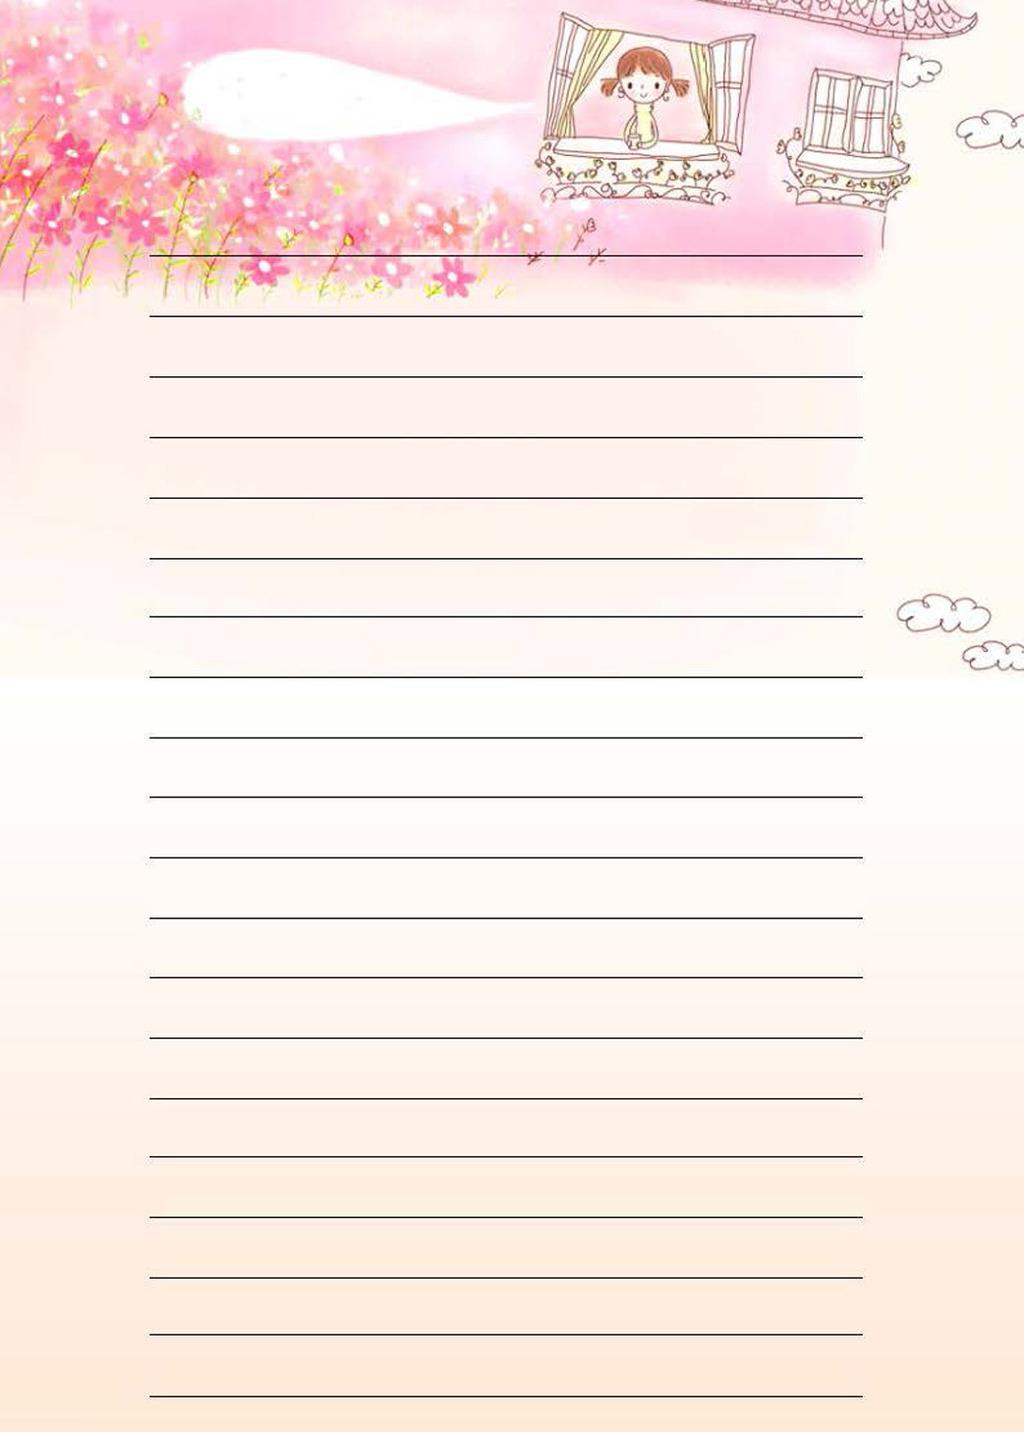 清新淡雅粉色卡通花朵信纸背景模板下载